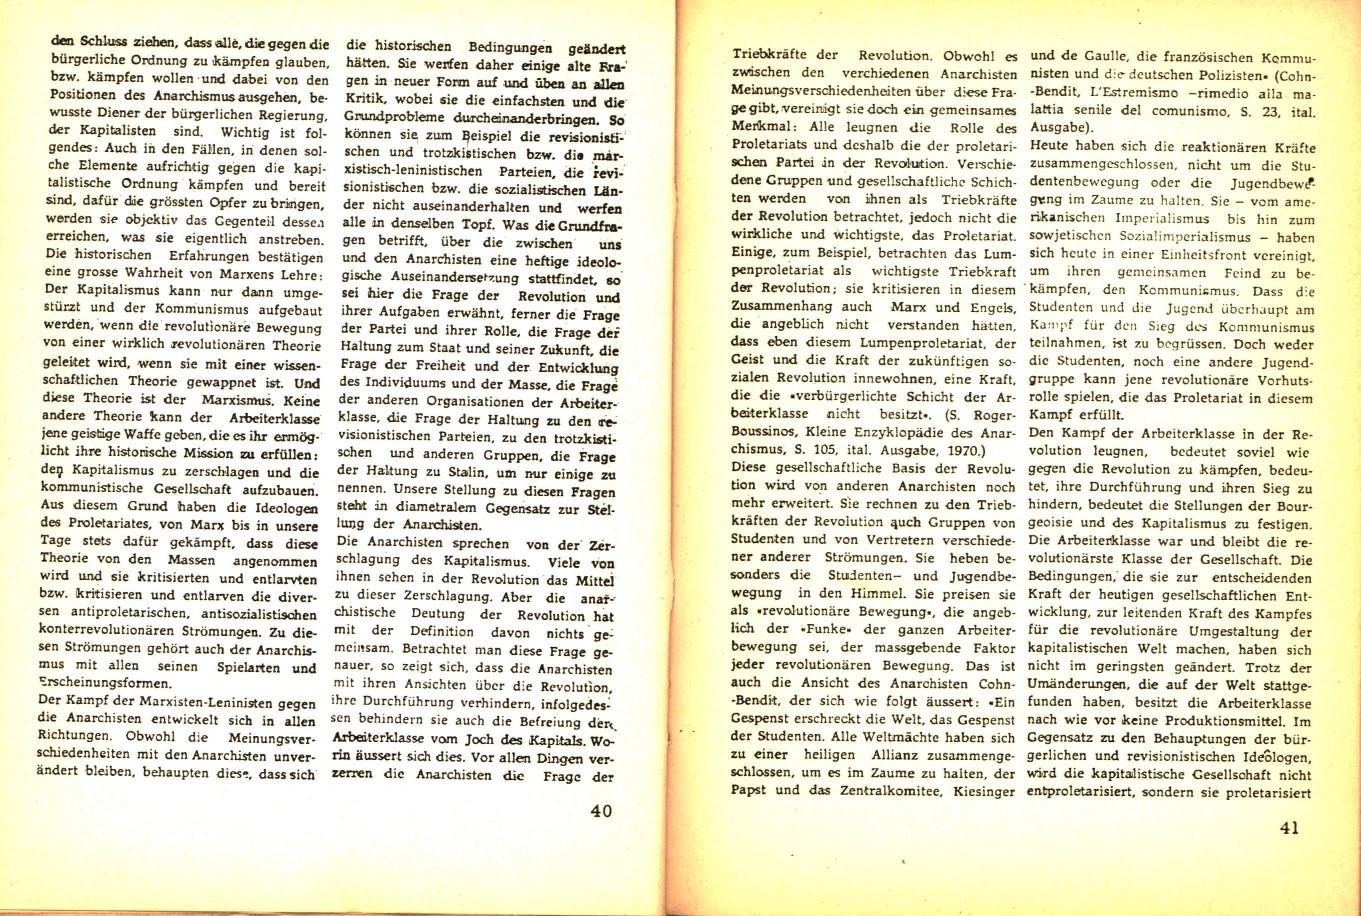 KPDAO_1974_30_Jahre_Befreiung_Albaniens_21